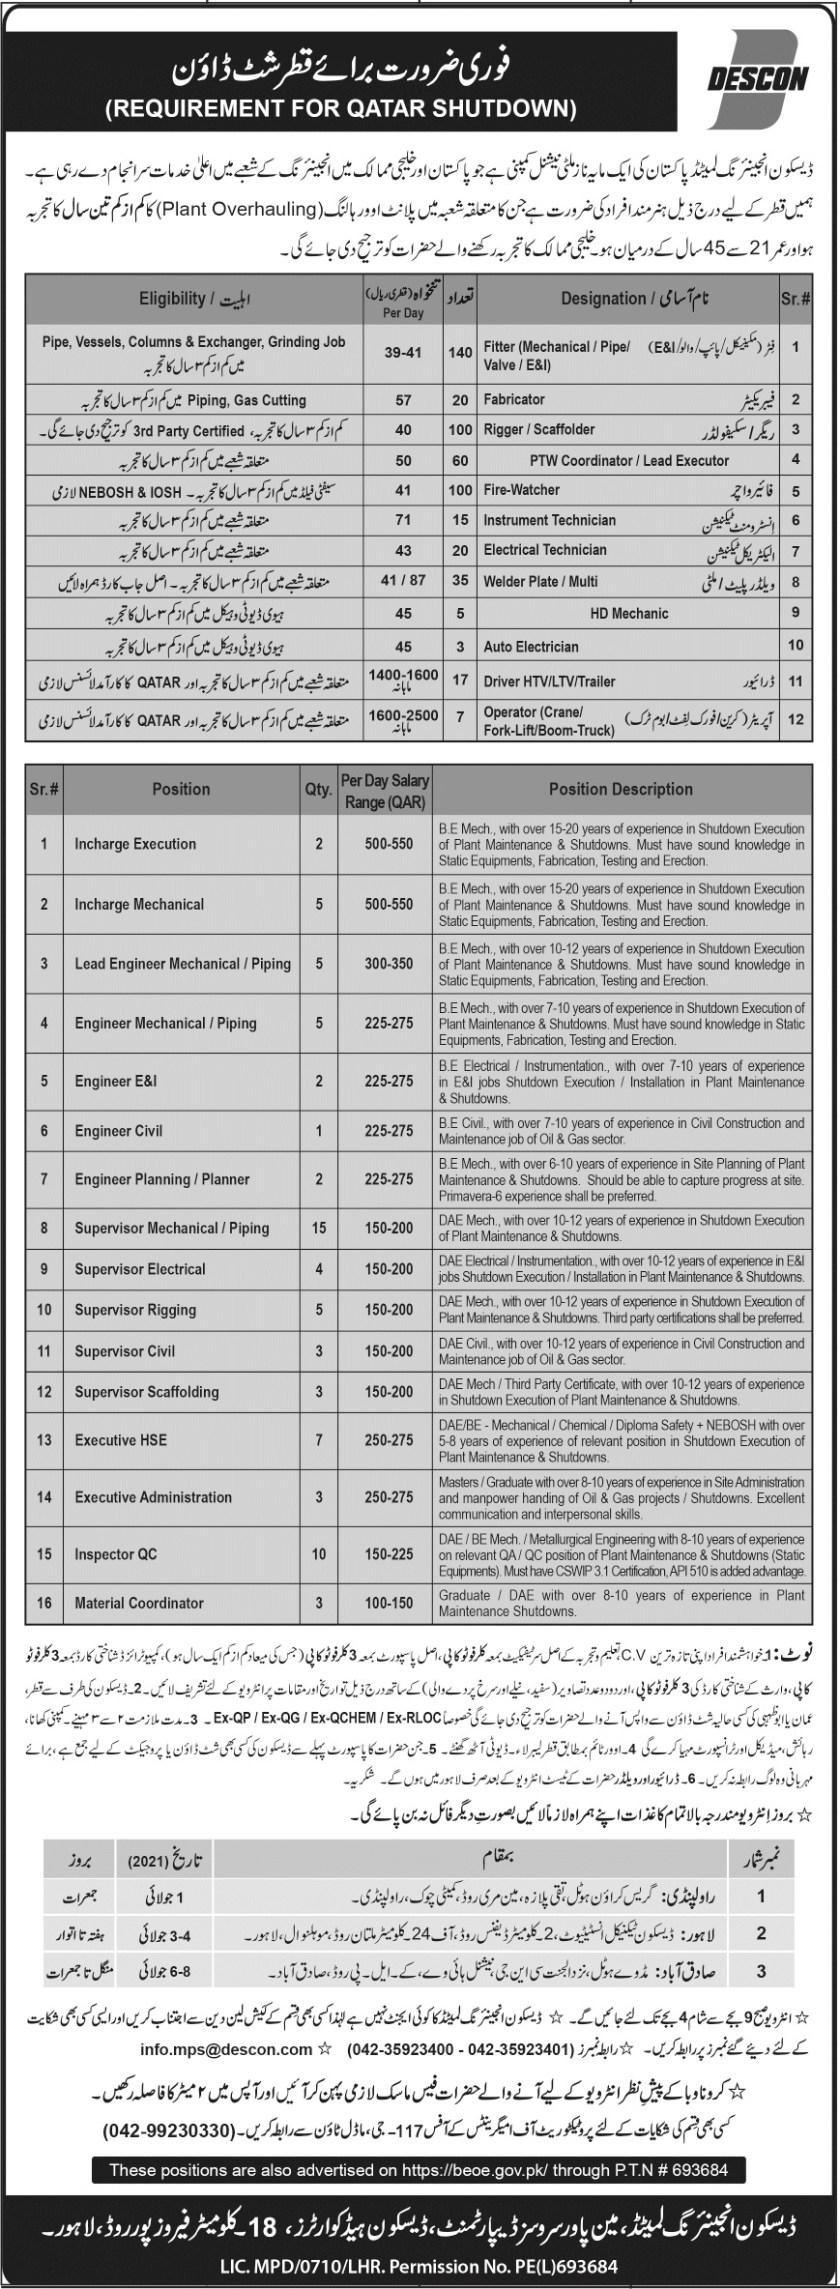 DESCON Engineering Limited DESCON Jobs 2021